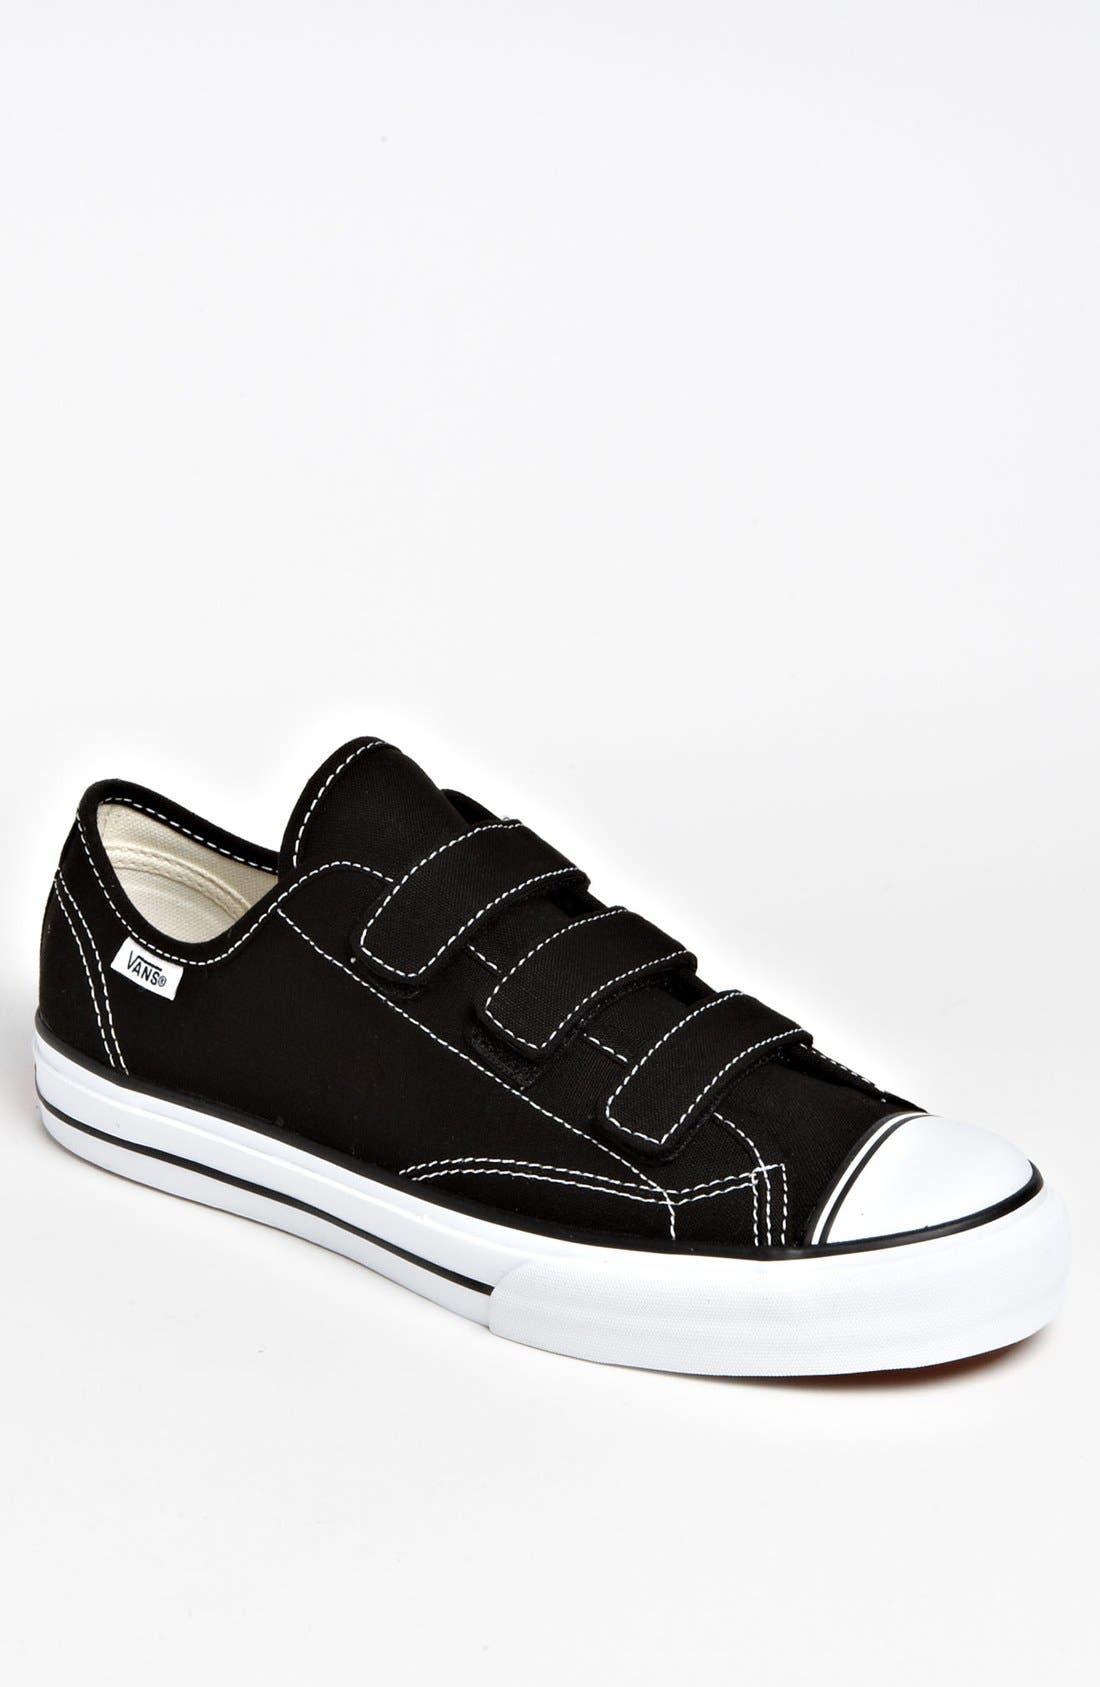 Alternate Image 1 Selected - Vans Style 23 V Sneaker (Men)